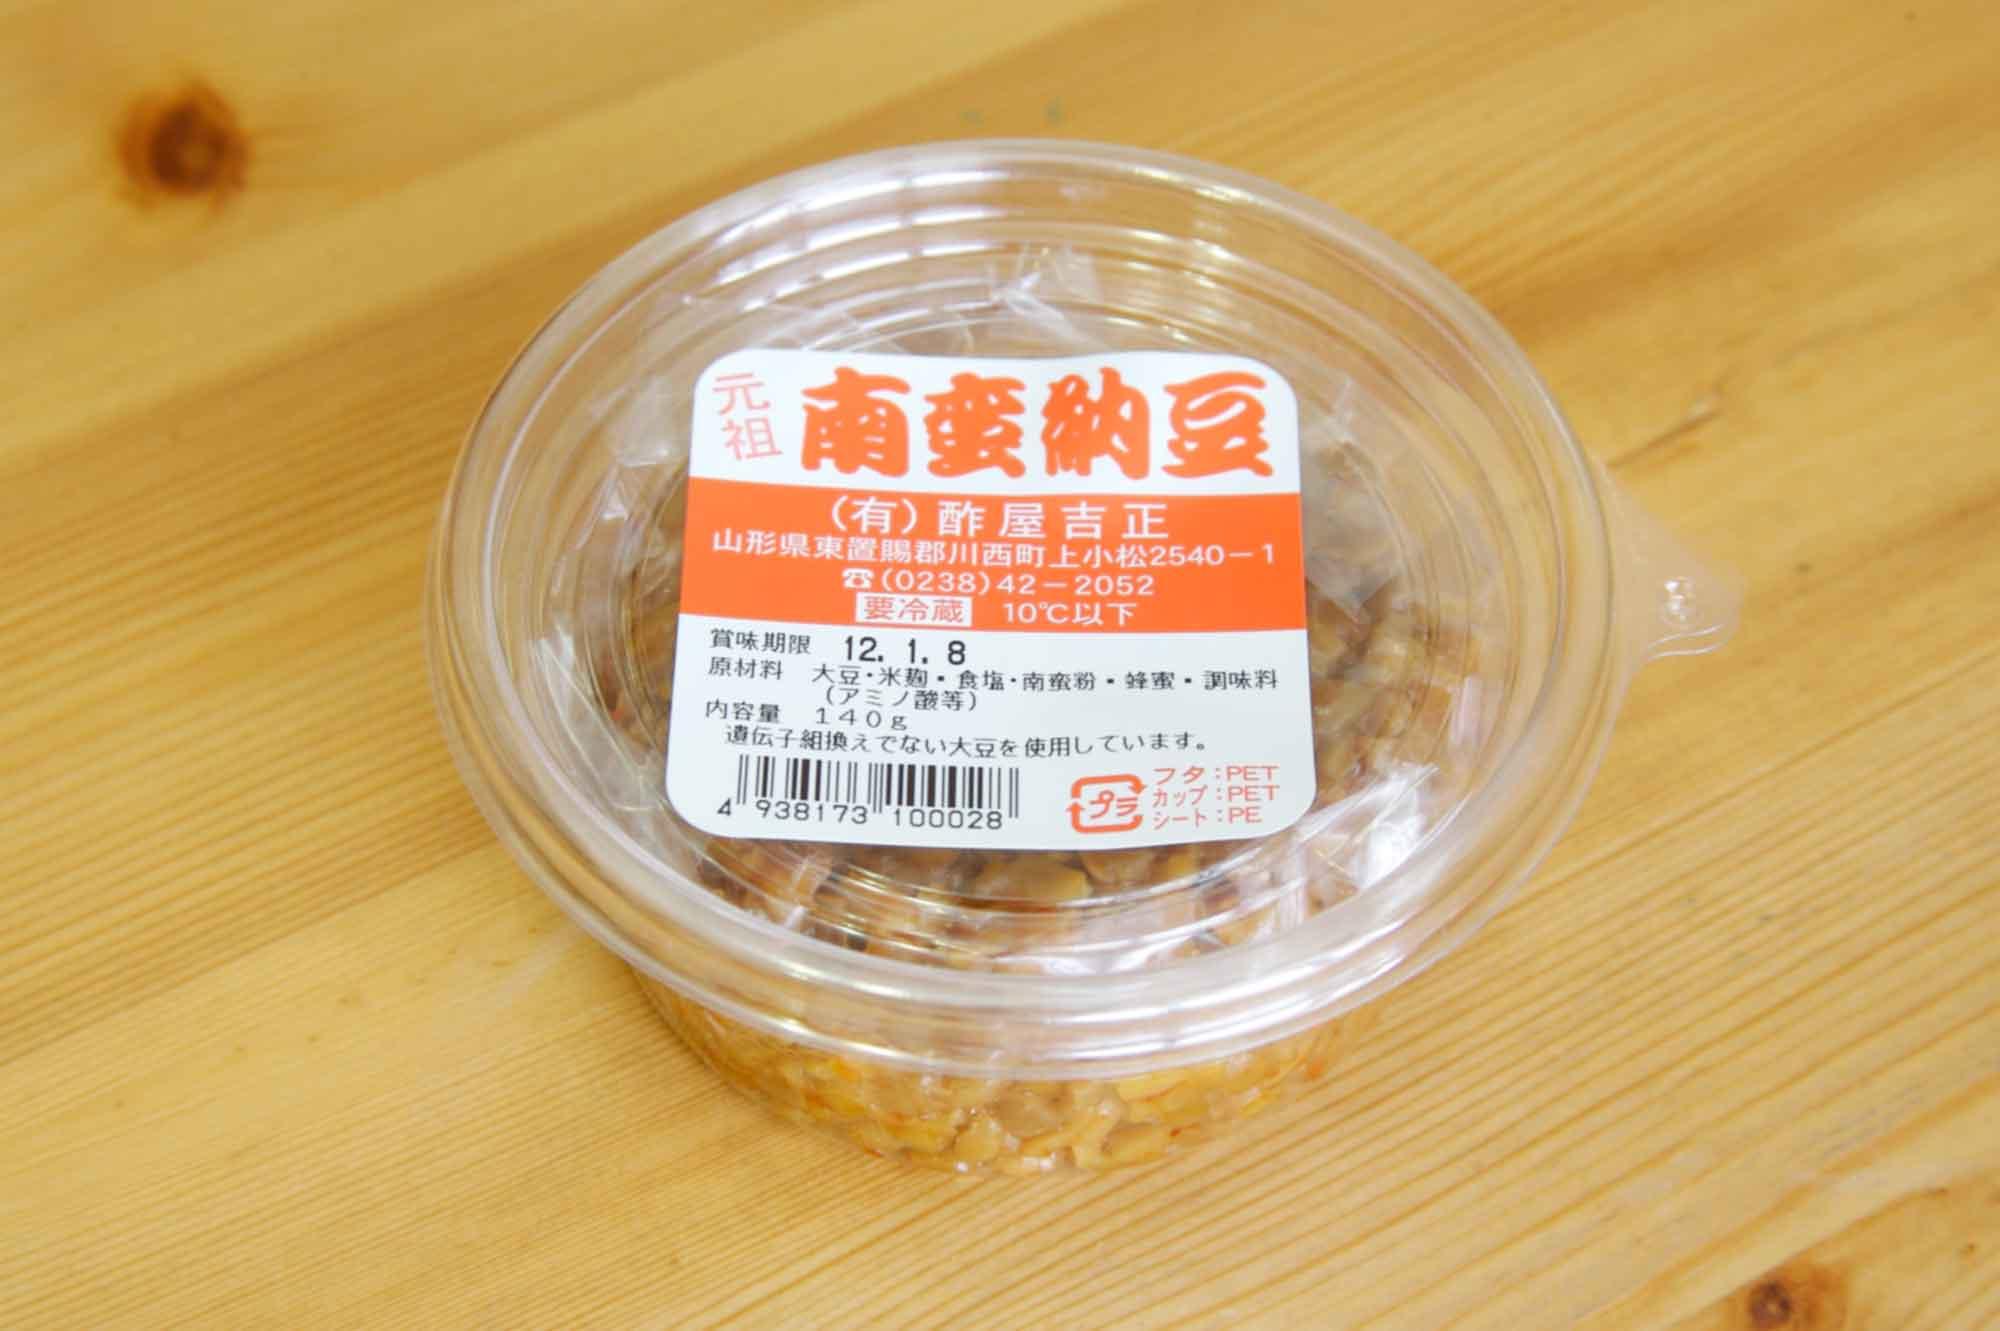 山形県アンテナショップおいしい山形 つくり手を訪ねて|有限会社酢屋吉正:南蛮納豆は秘伝のタレを使い、納豆の食感が感じられるよう工夫しています。